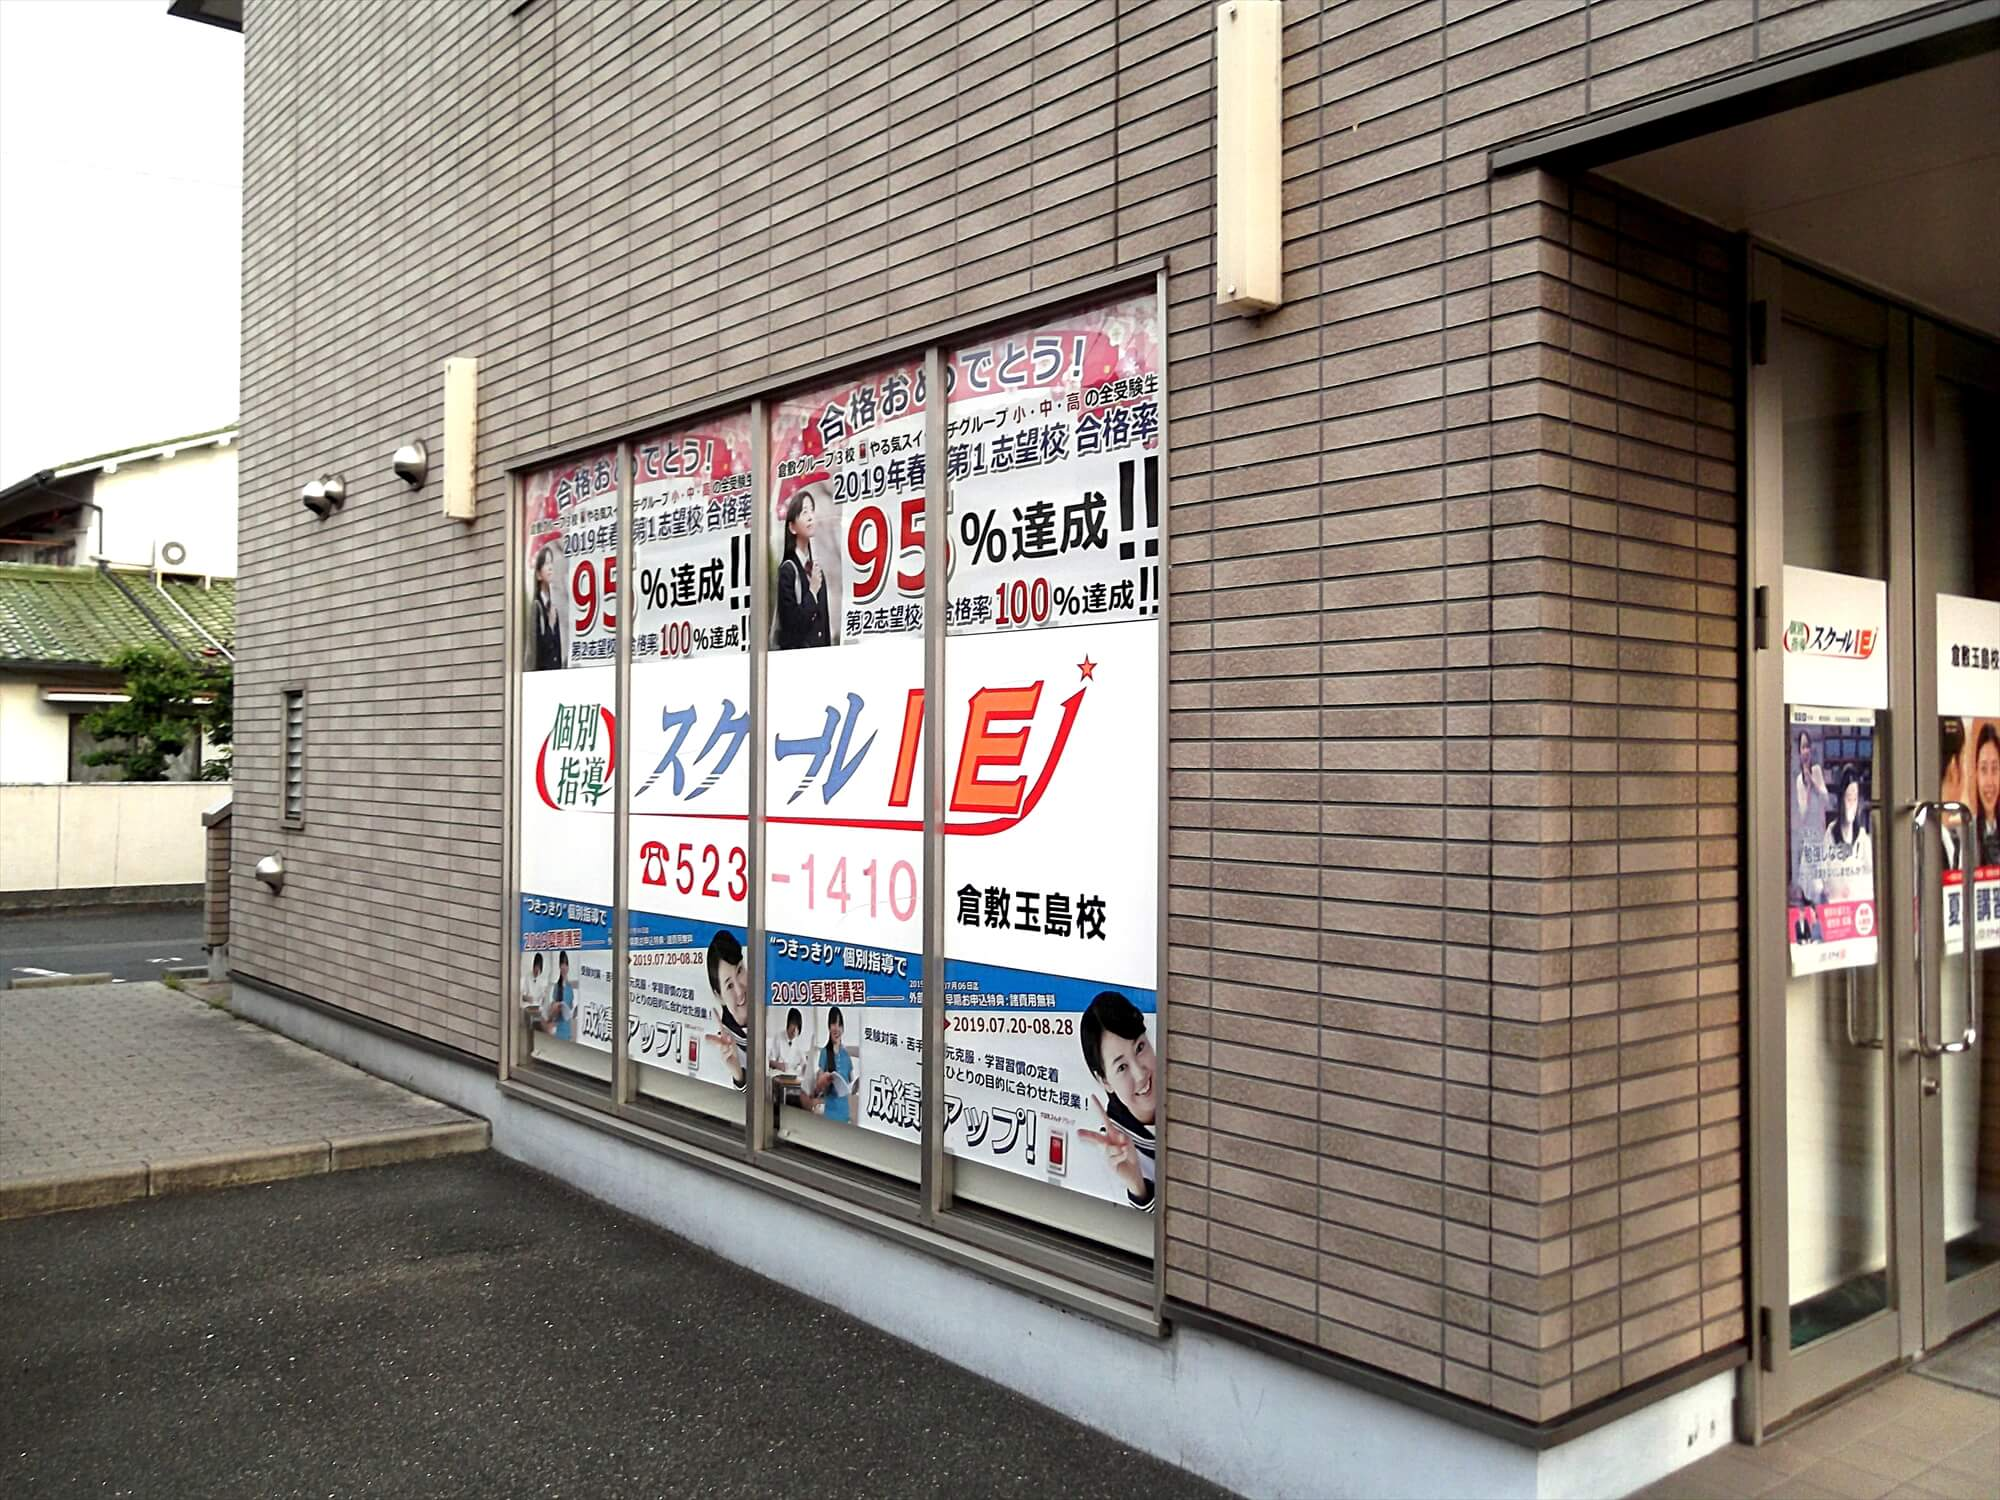 スクールIE倉敷笹沖校 外観写真